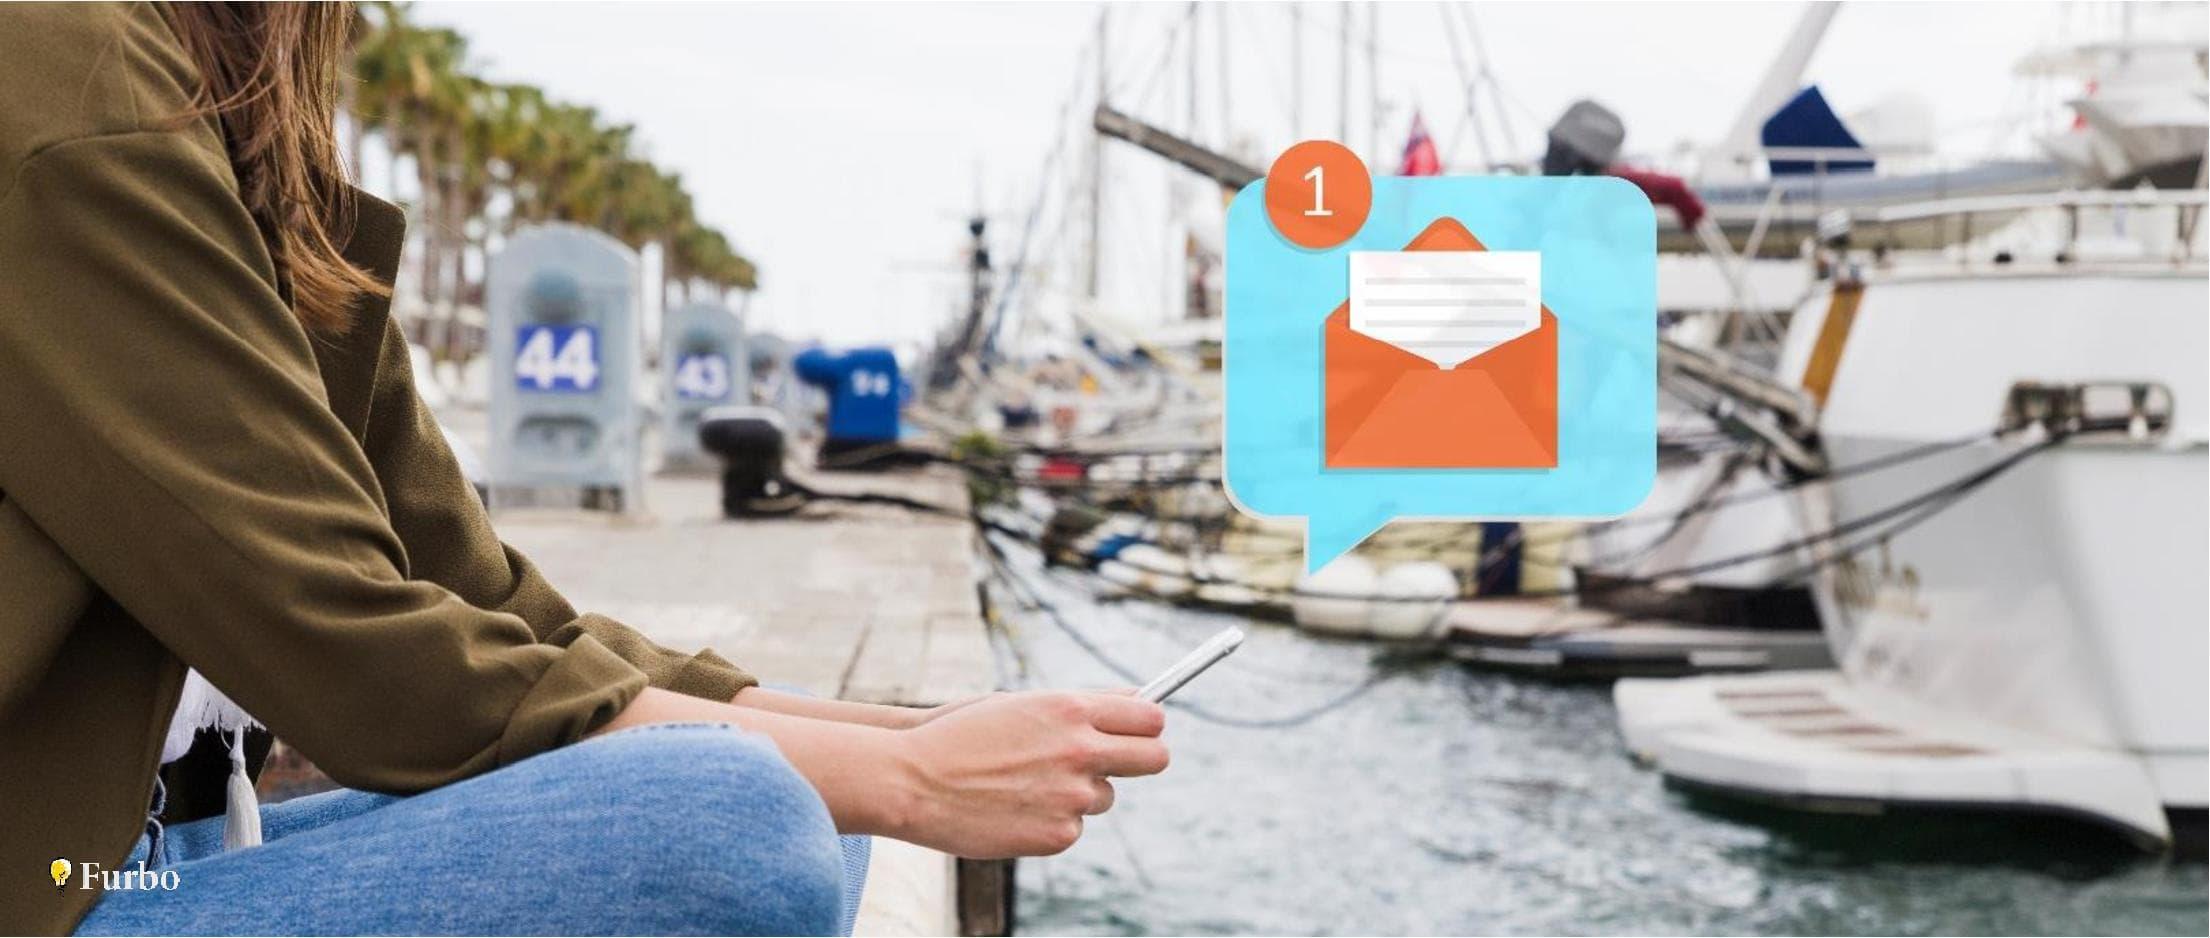 همهچیز در مورد بازاریابی خبرنامهای Newsletter-Marketing